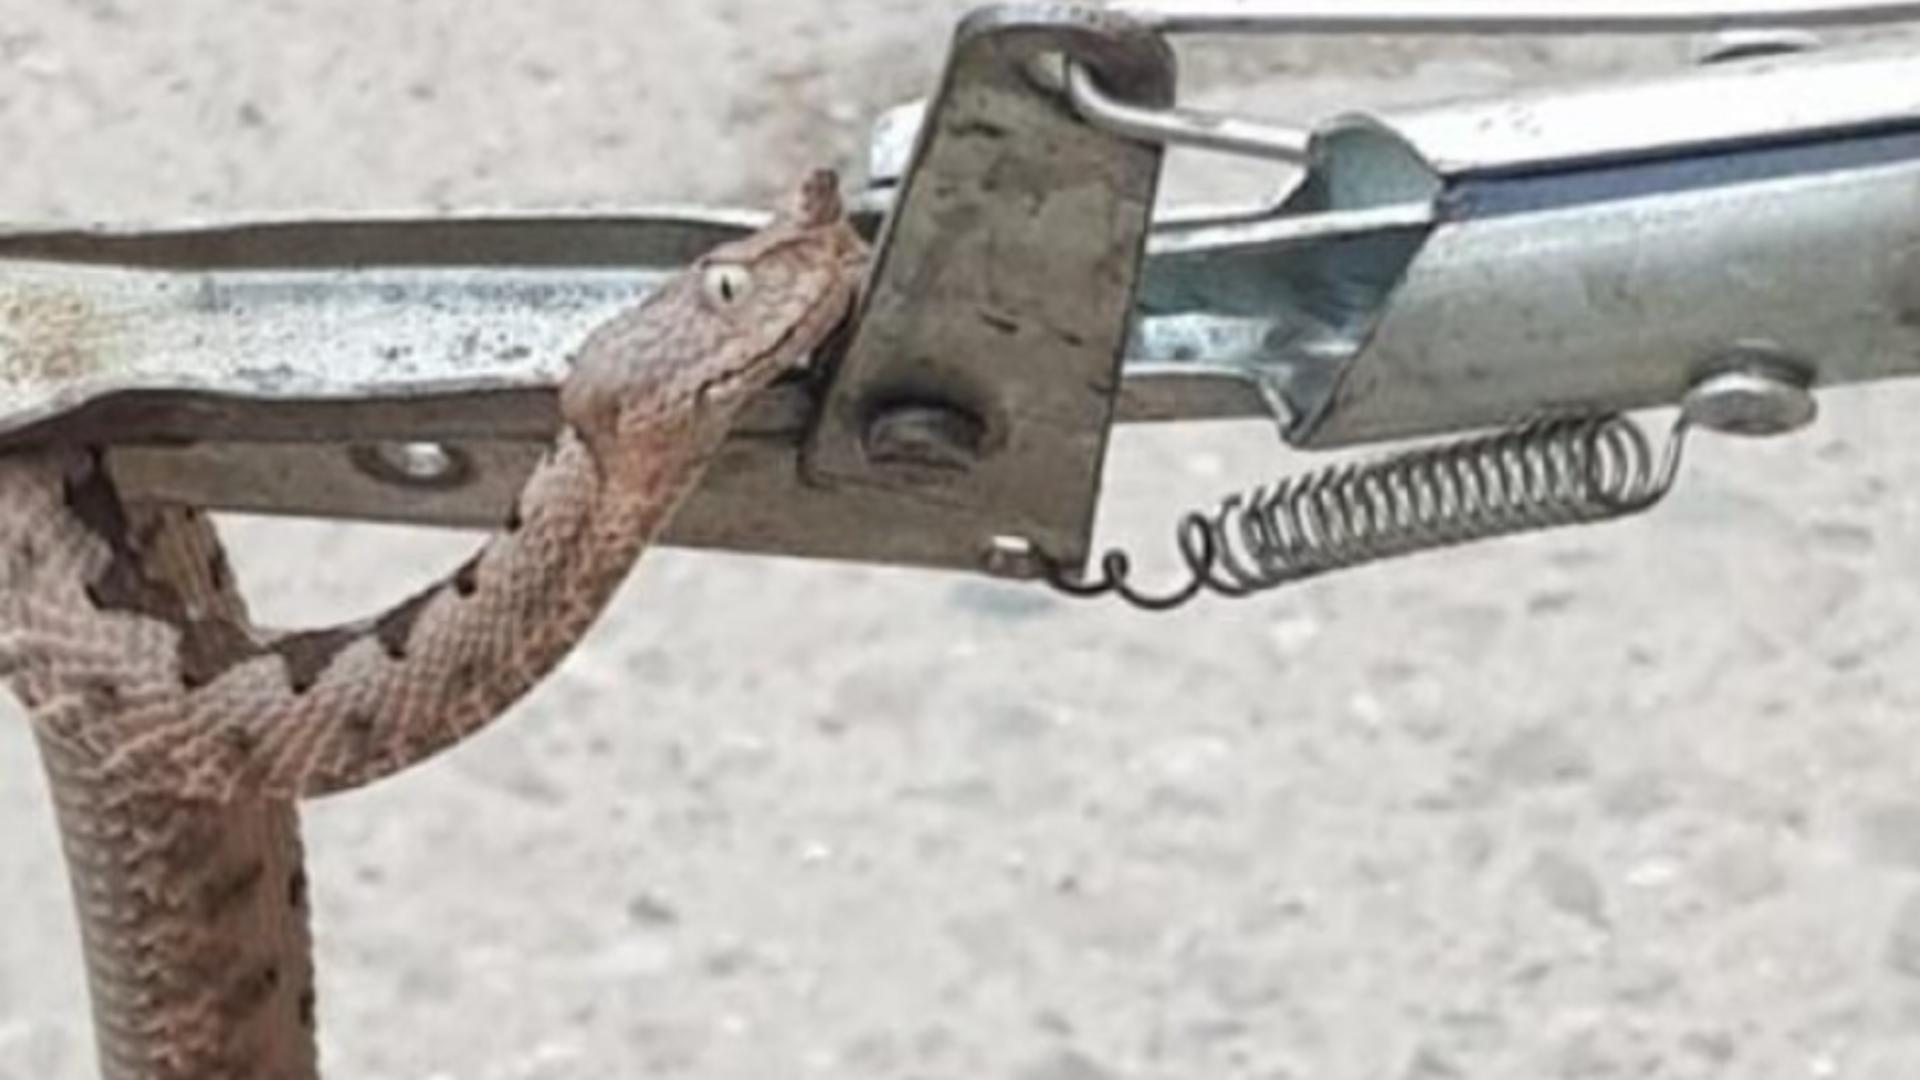 Viperă descoperită într-un birou, în Orșova - Captură foto